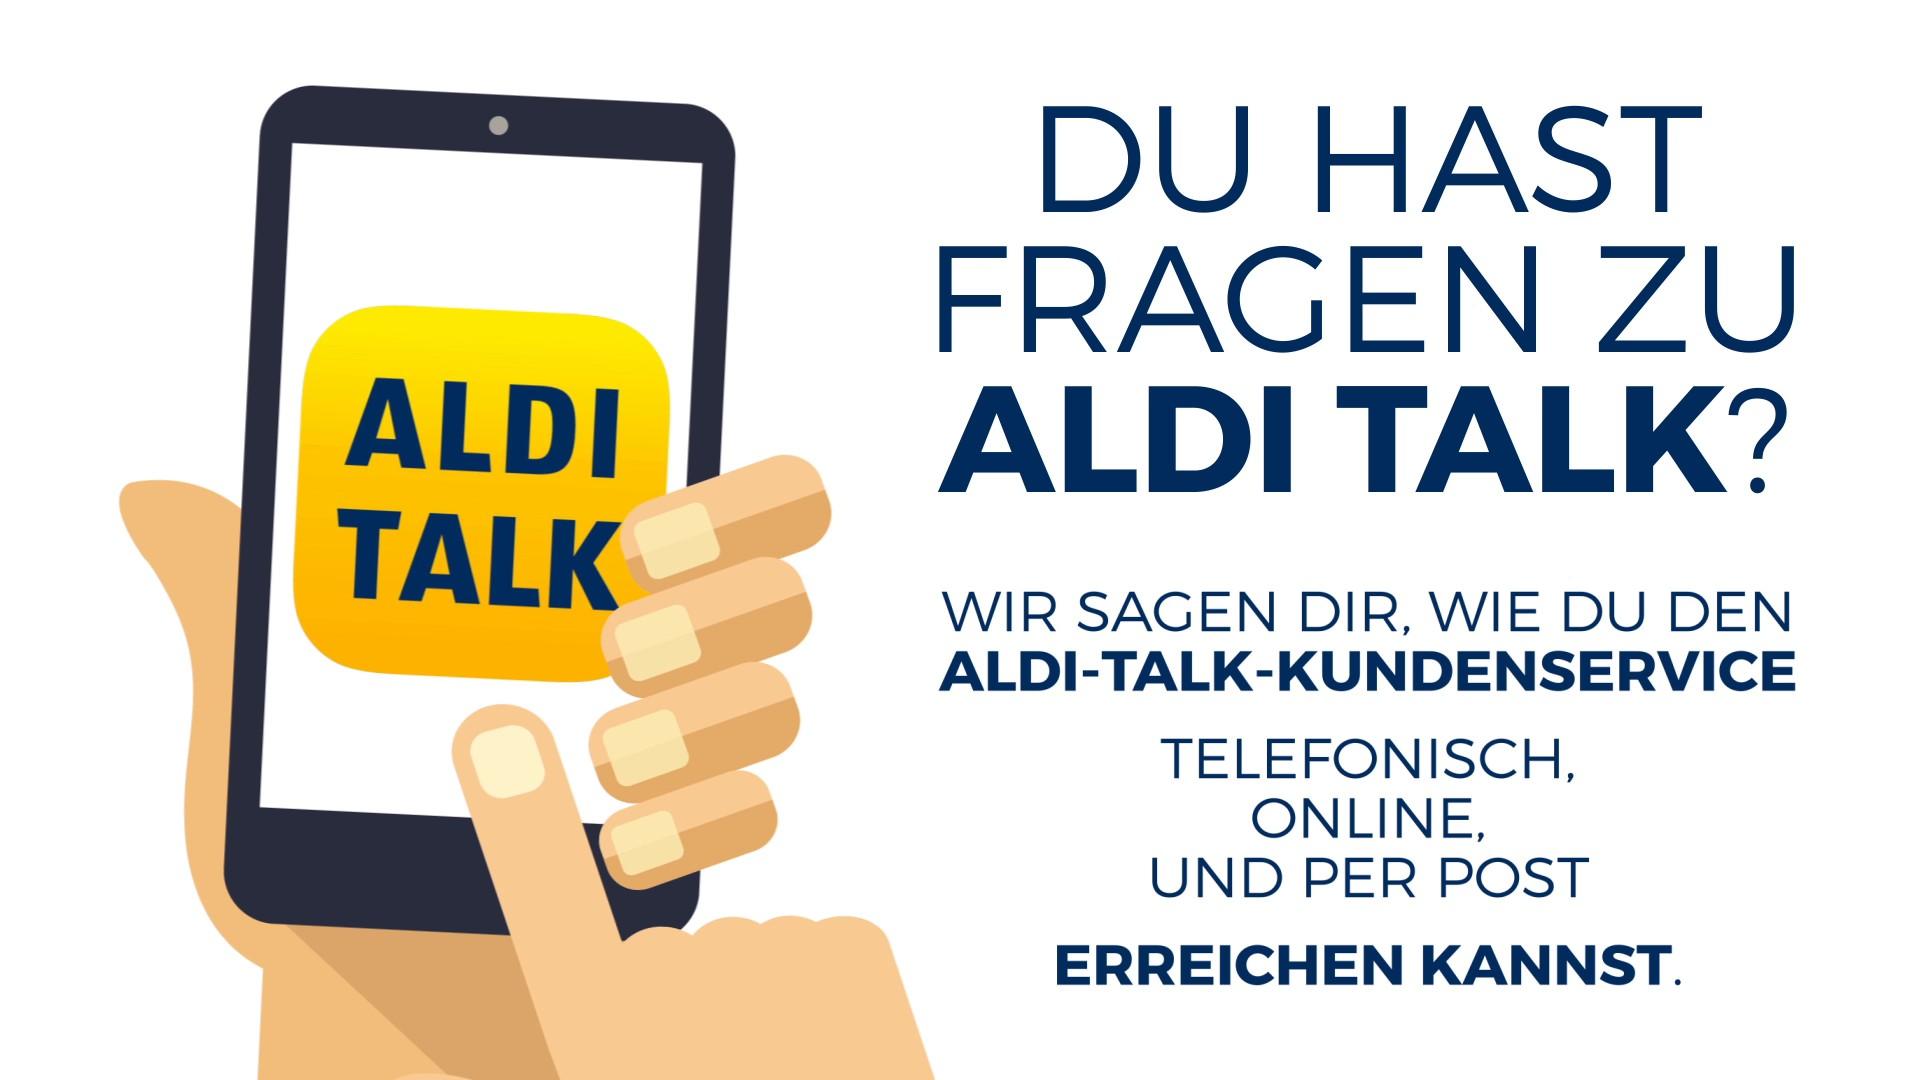 Aldi Talk Sim Karte Entsperren.Hilfe Und Tipps Beim Aldi Talk Kundenservice